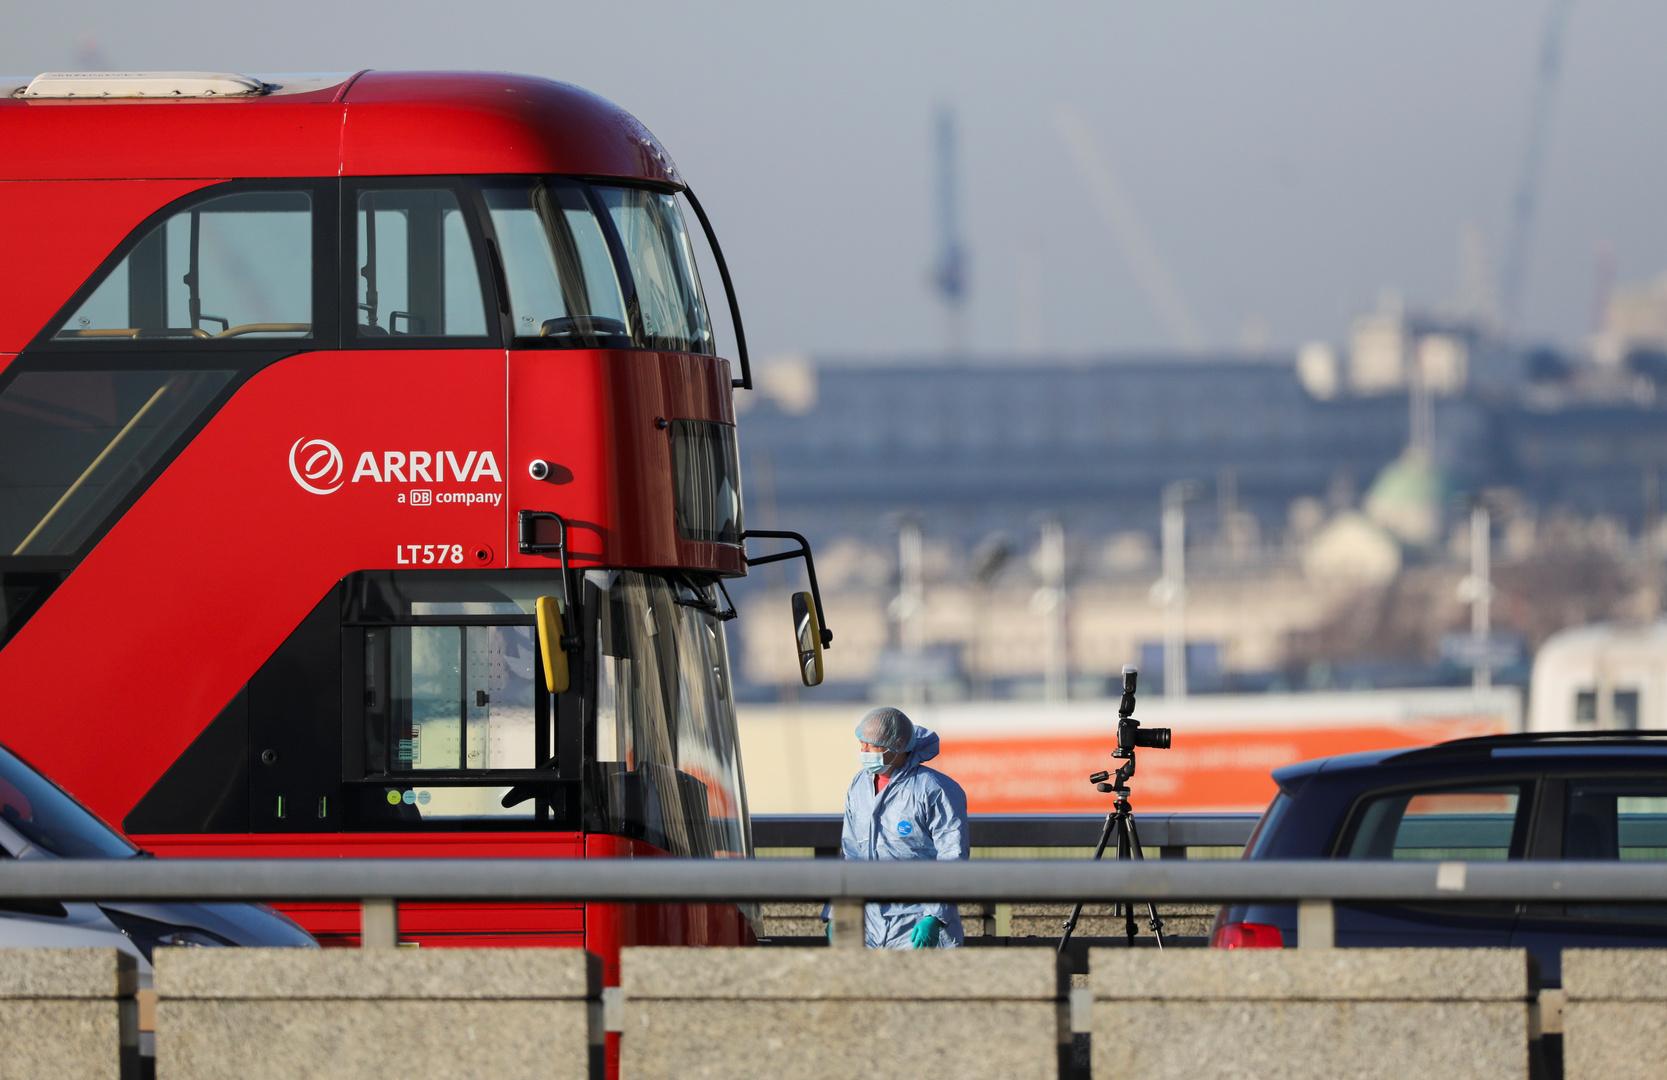 موقع هجوم جسر لندن - صورة أرشيفية